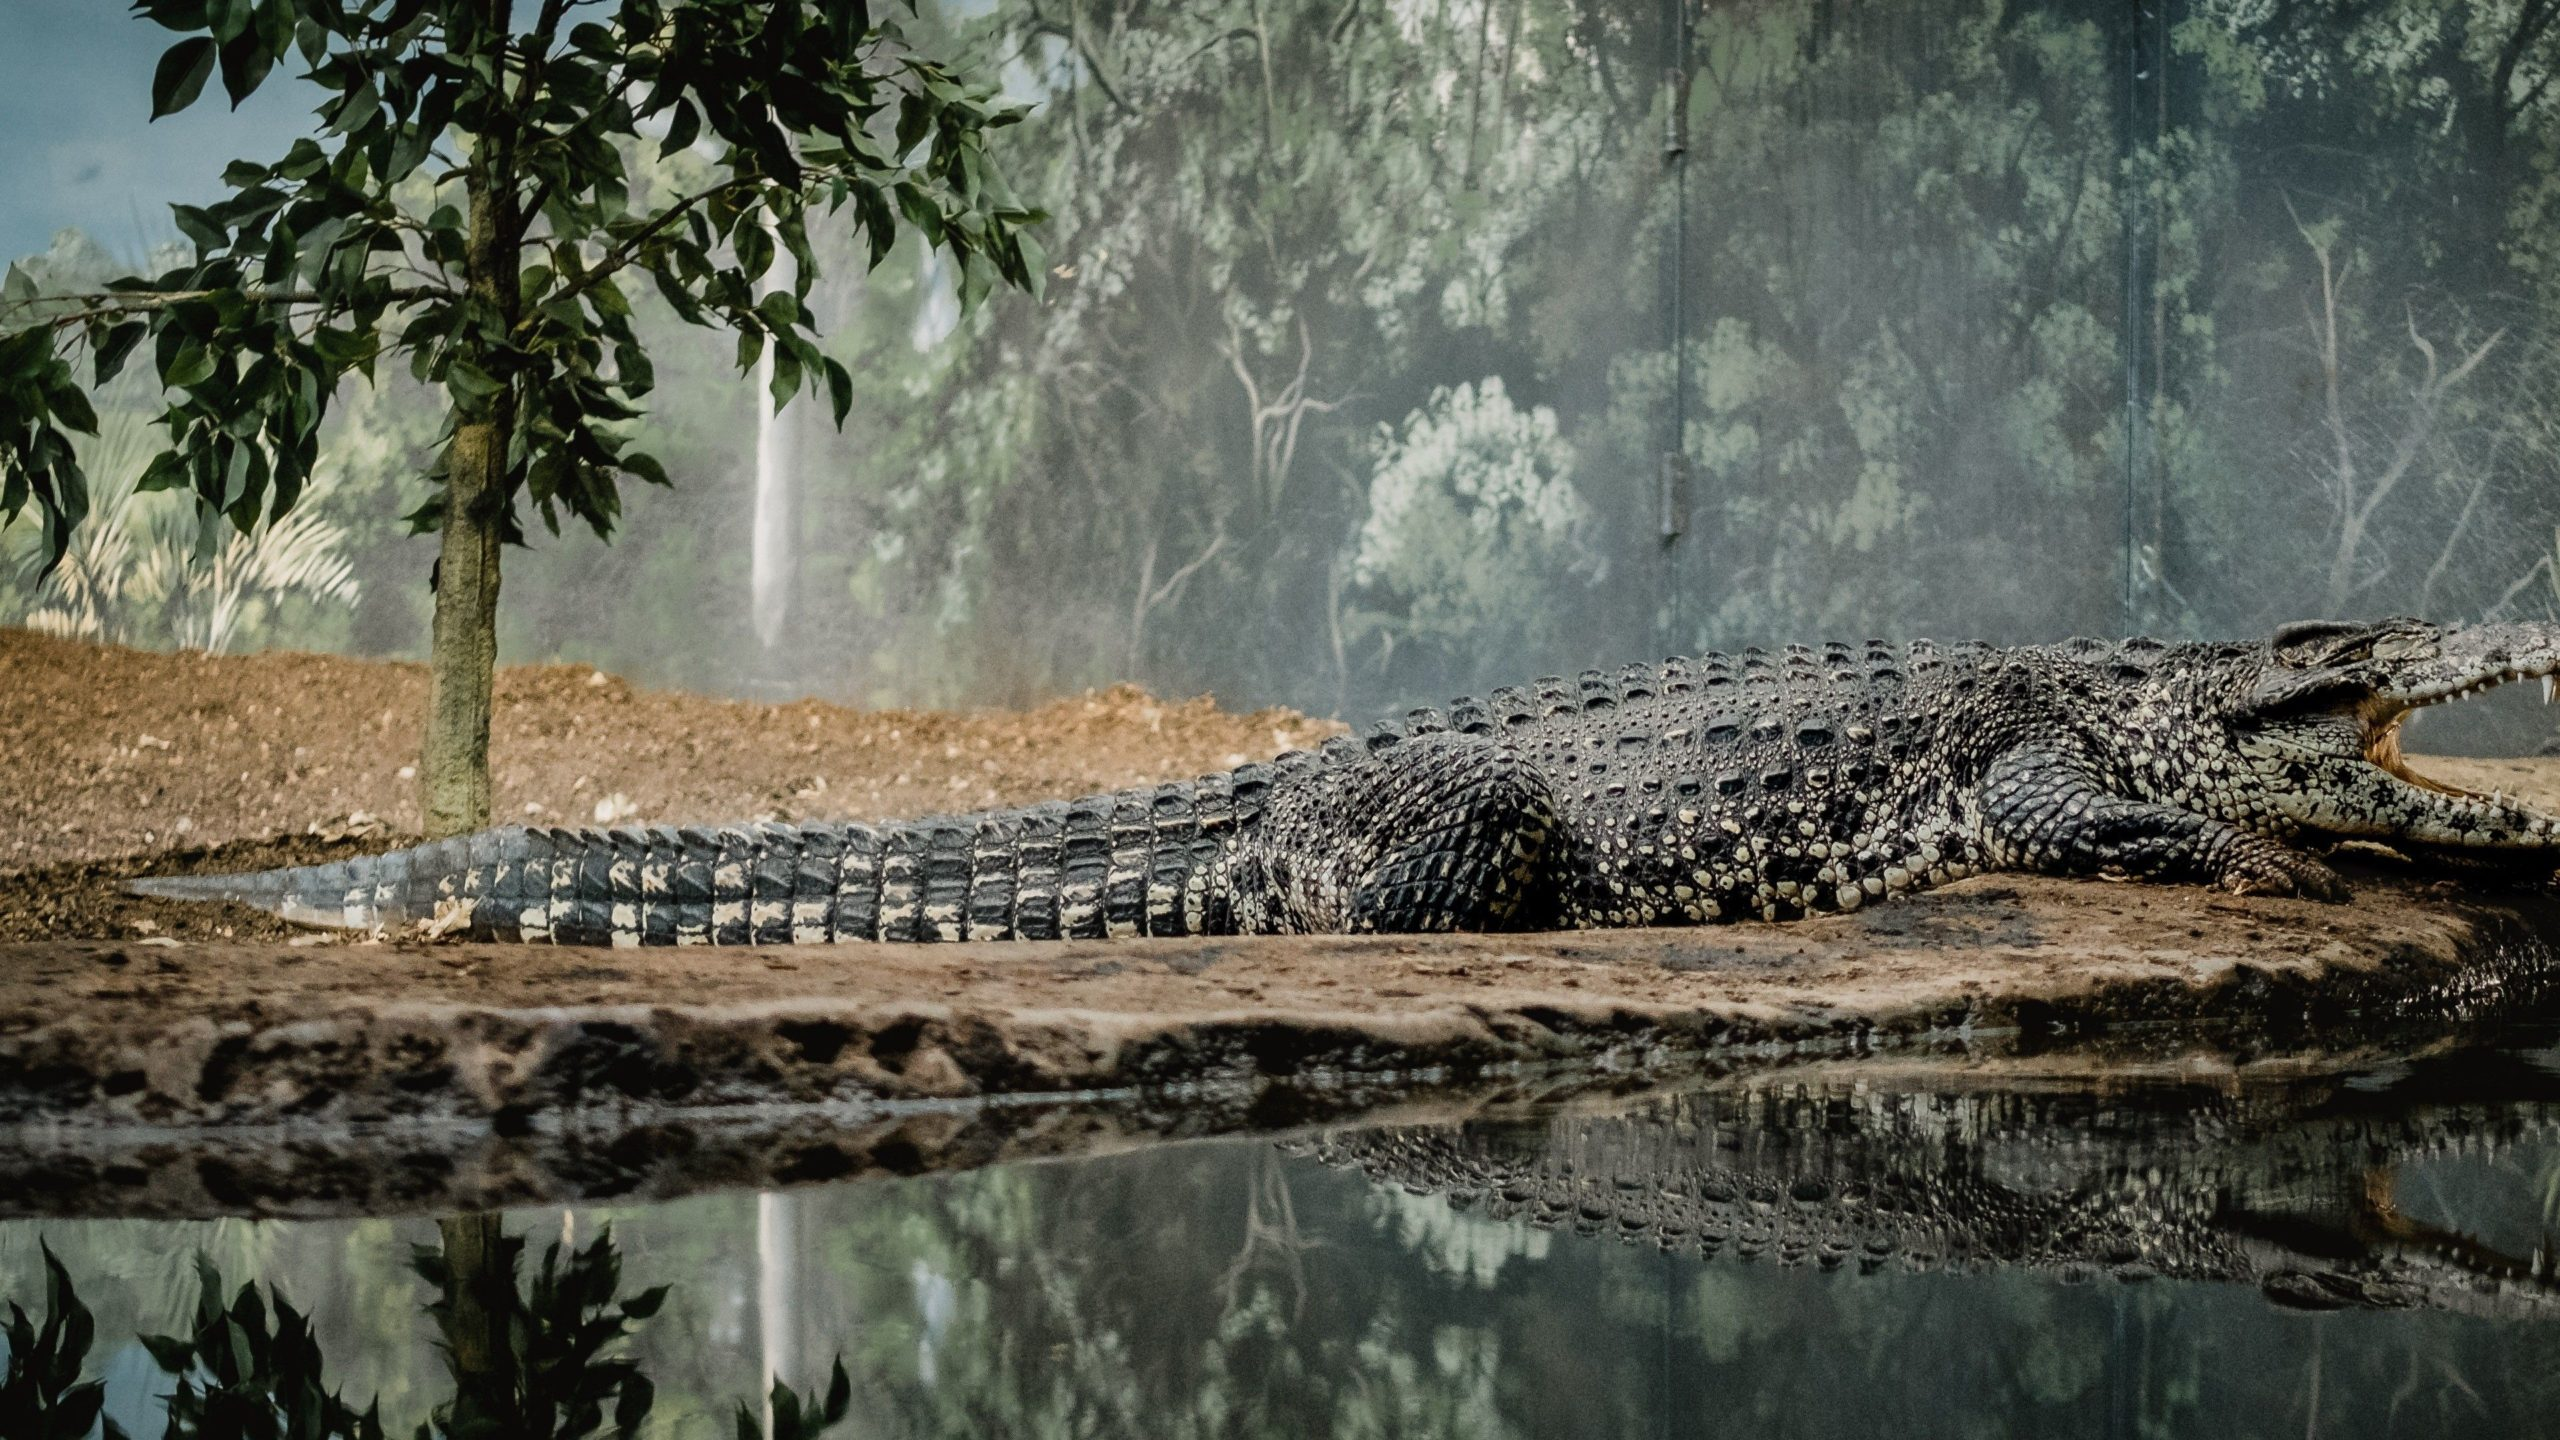 a picture of a crocodile